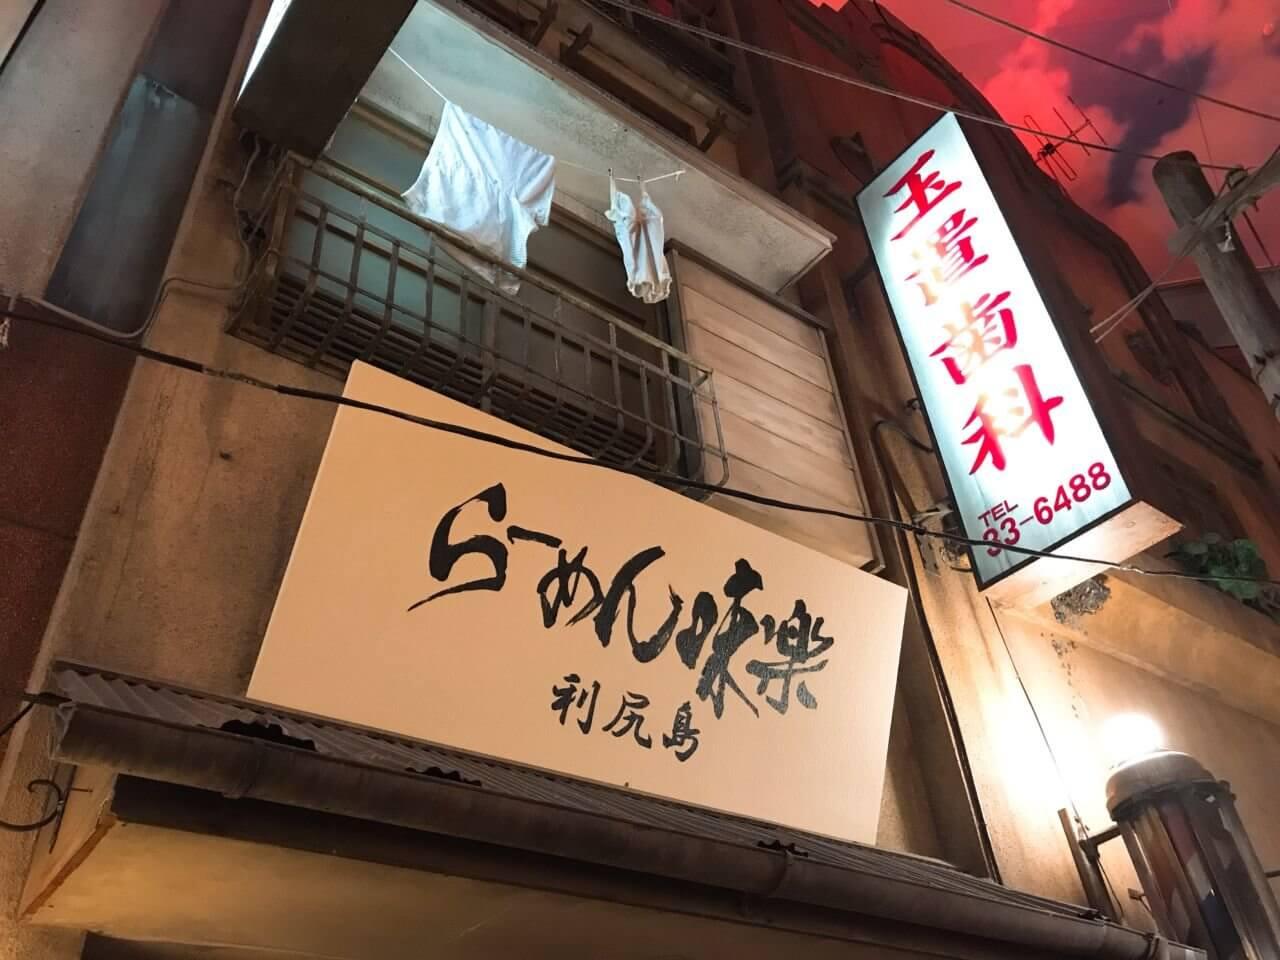 利尻らーめん味楽 新横浜ラーメン博物館  外観